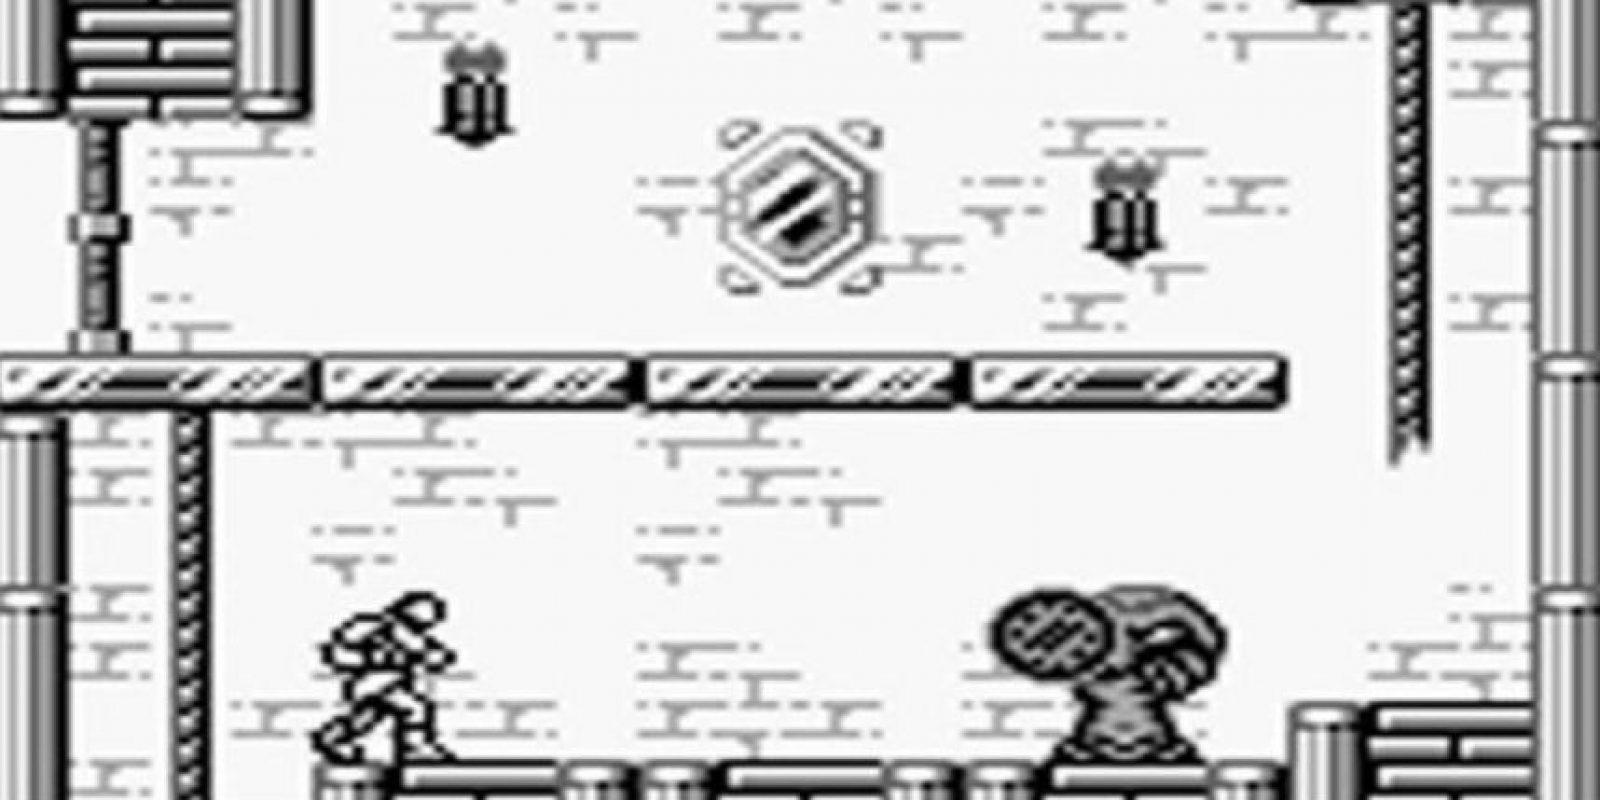 Castlevania II: Belmont´s Revenge (1990) El segundo título de esta saga, con mejoradas opciones de acción para el jugador. Foto:vía GameFaqs.